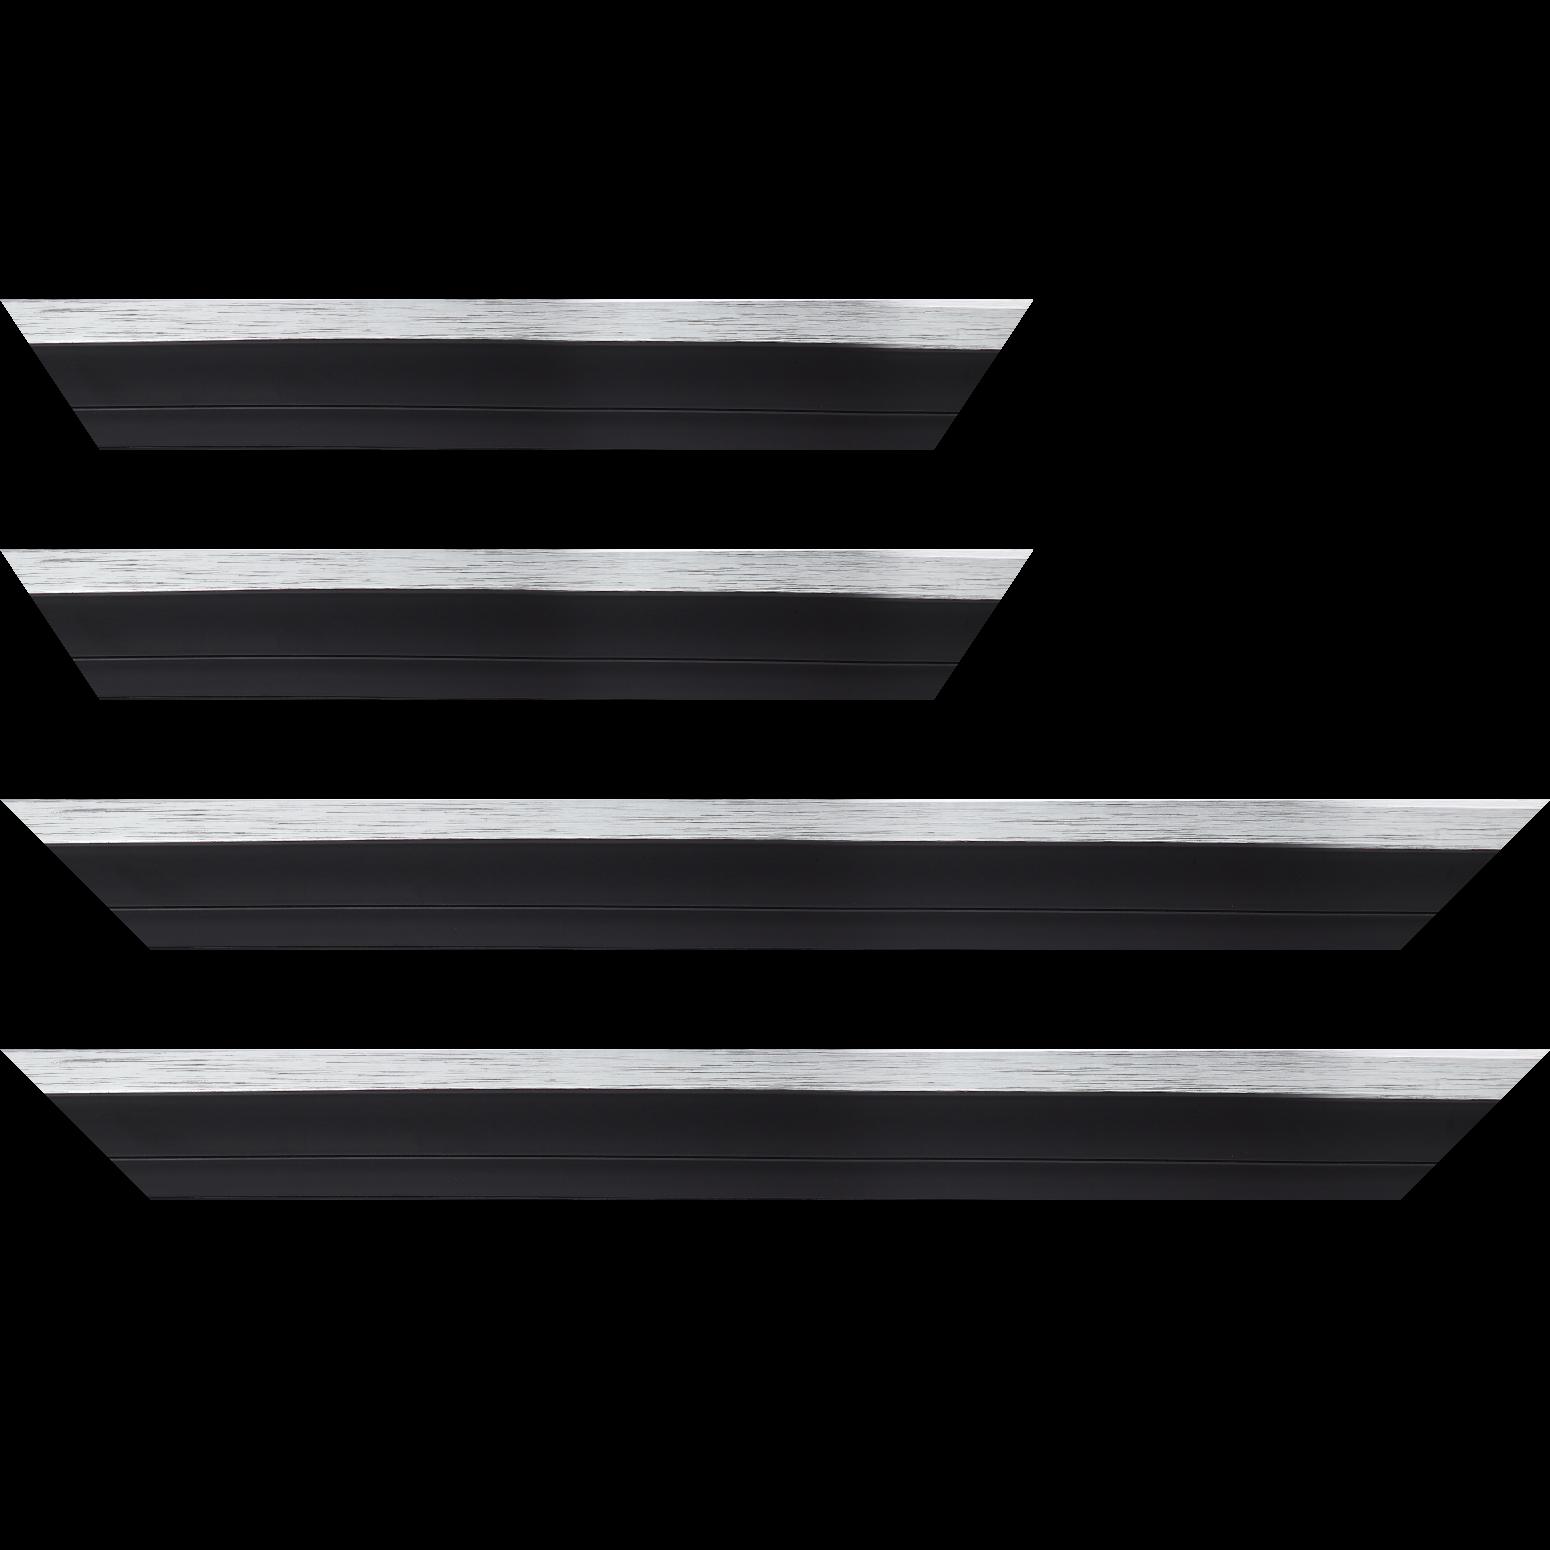 Baguette service précoupé Bois caisse américaine XL profil escalier largeur 4.9cm noir mat  filet argent (spécialement conçu pour les châssis 3D d'une épaisseur de 3 à 4cm)